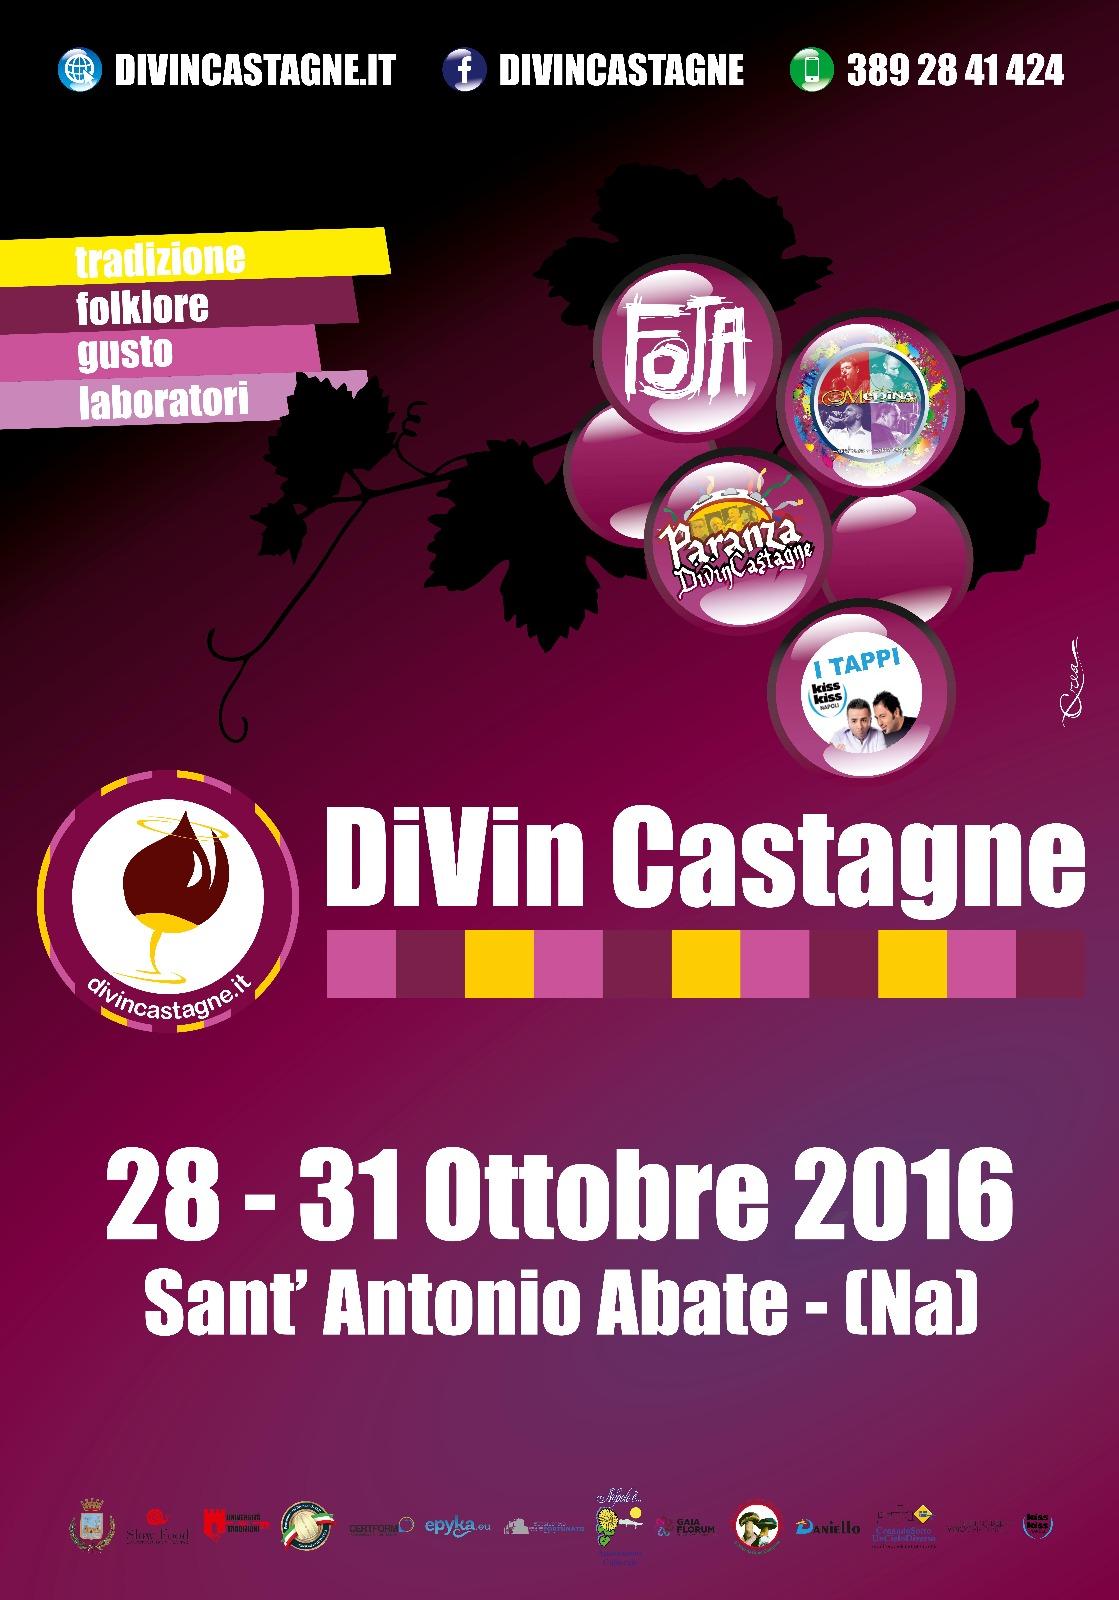 Divin Castagne 2016: un'esperienza unica tra sapori e musiche della tradizione!